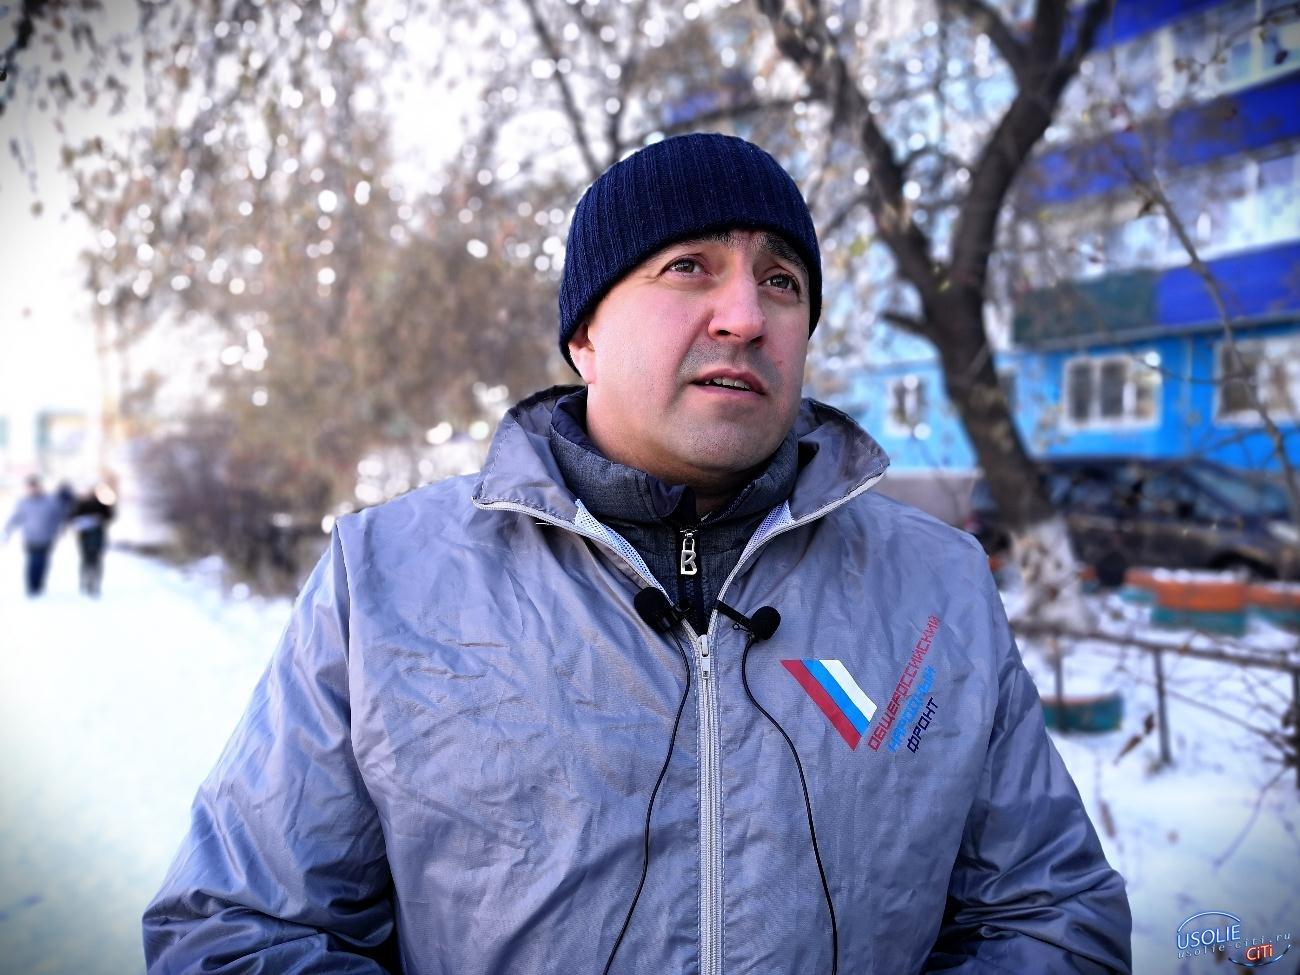 Политик из Усолья Сергей Батукаев отправлен в колонию, как член ОПГ